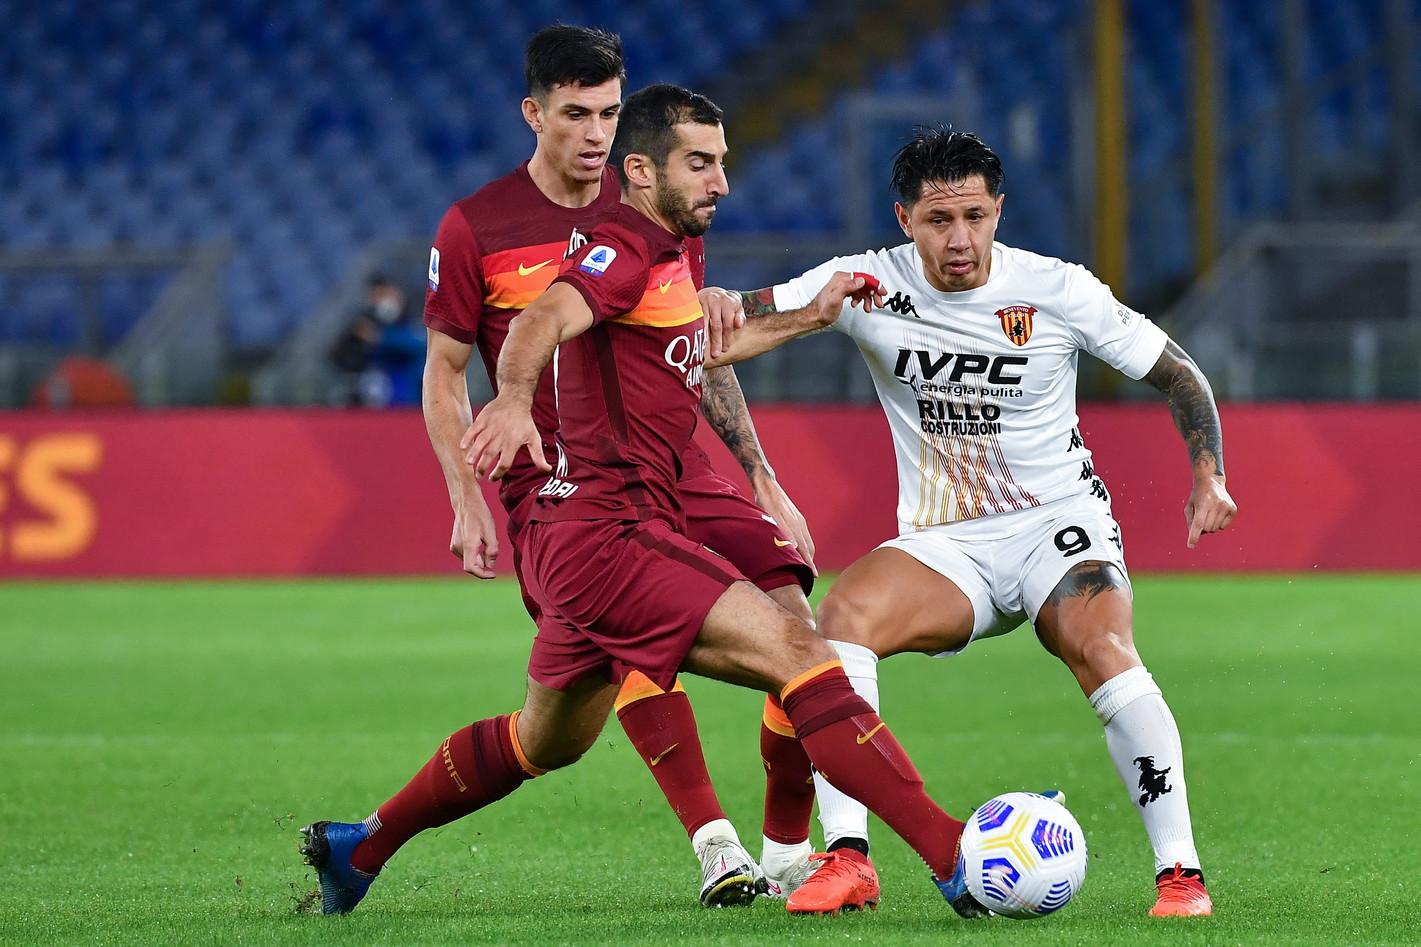 Roma-Benevento 4-2, le migliori foto<br /><br />